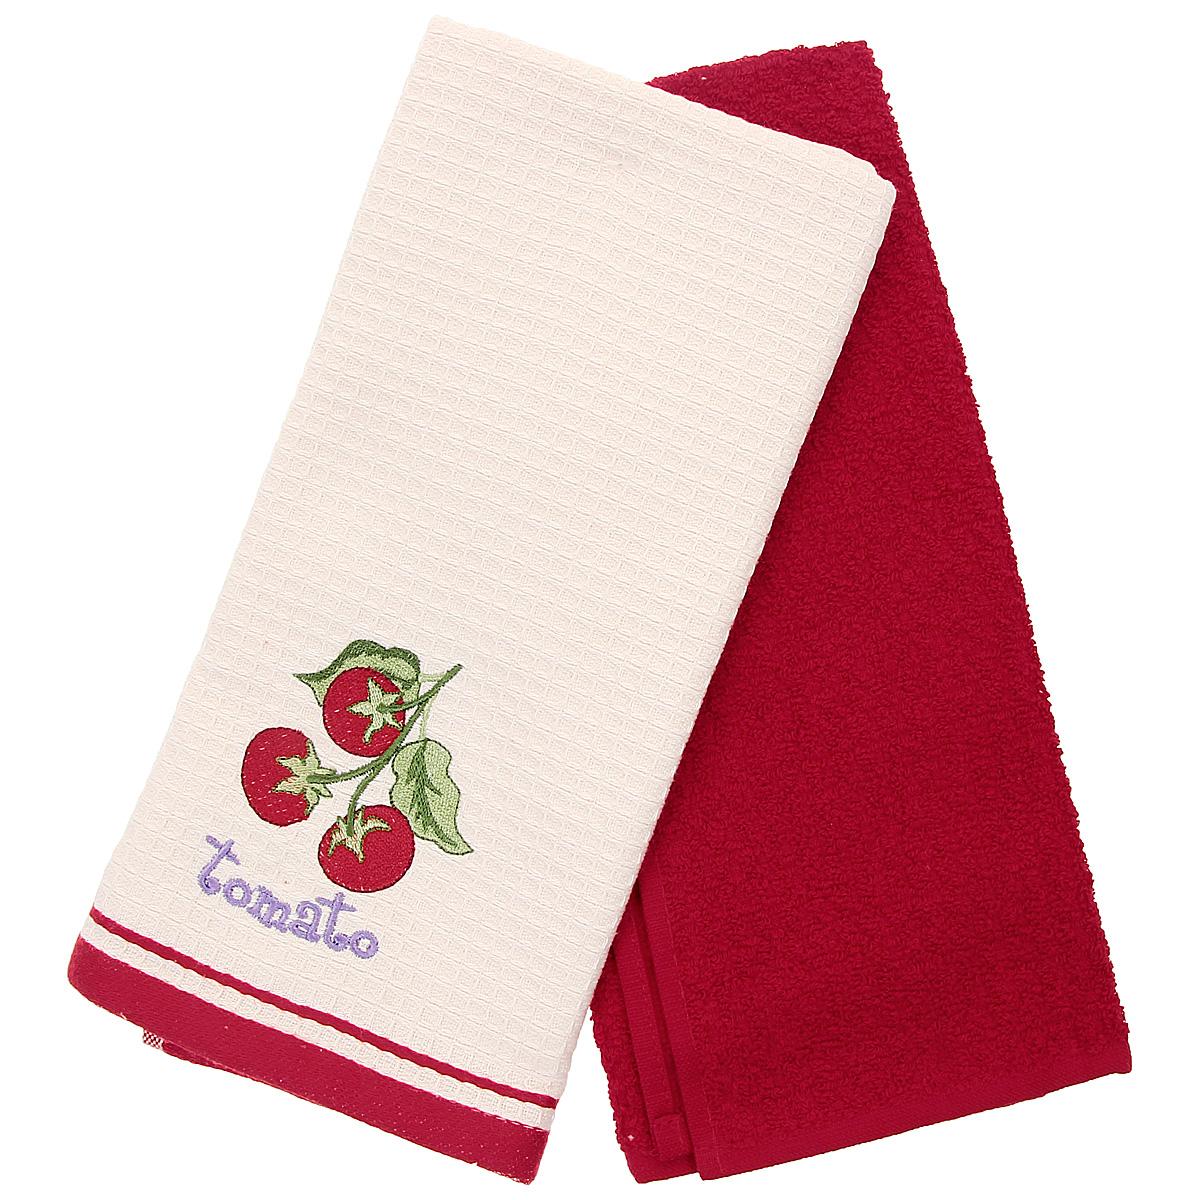 Набор кухонных полотенец Coronet Томаты, цвет: красный, бежевый, 40 см х 60 см, 2 штК-МП-5010-05-11-01Набор Coronet Томаты состоит из двух прямоугольных полотенец: вафельного полотенца бежевого цвета с вышивкой в виде томатов и махрового полотенца красного цвета. Высочайшее качество материала гарантирует безопасность не только взрослых, но и самых маленьких членов семьи. Кухонные полотенца Coronet практичны и долговечны. Прекрасно впитывают влагу. Эти свойства изделия из натурального хлопка не теряют на протяжении многих лет. Хлопчатобумажные изделия выдерживают многочисленные стирки при высоких температурах. Такой набор идеально дополнит интерьер вашей кухни и создаст атмосферу уюта и комфорта. Coronet предлагает коллекции готовых стилистических решений для различной кухонной мебели, множество видов, рисунков и цветов. Вам легко будет создать нужную атмосферу на кухне и в столовой. Рекомендации по уходу: - стирать при температуре 40°С, - чистка с использованием углеводорода, хлорного этилена, монофлотрихлометана, - нельзя отбеливать, ...